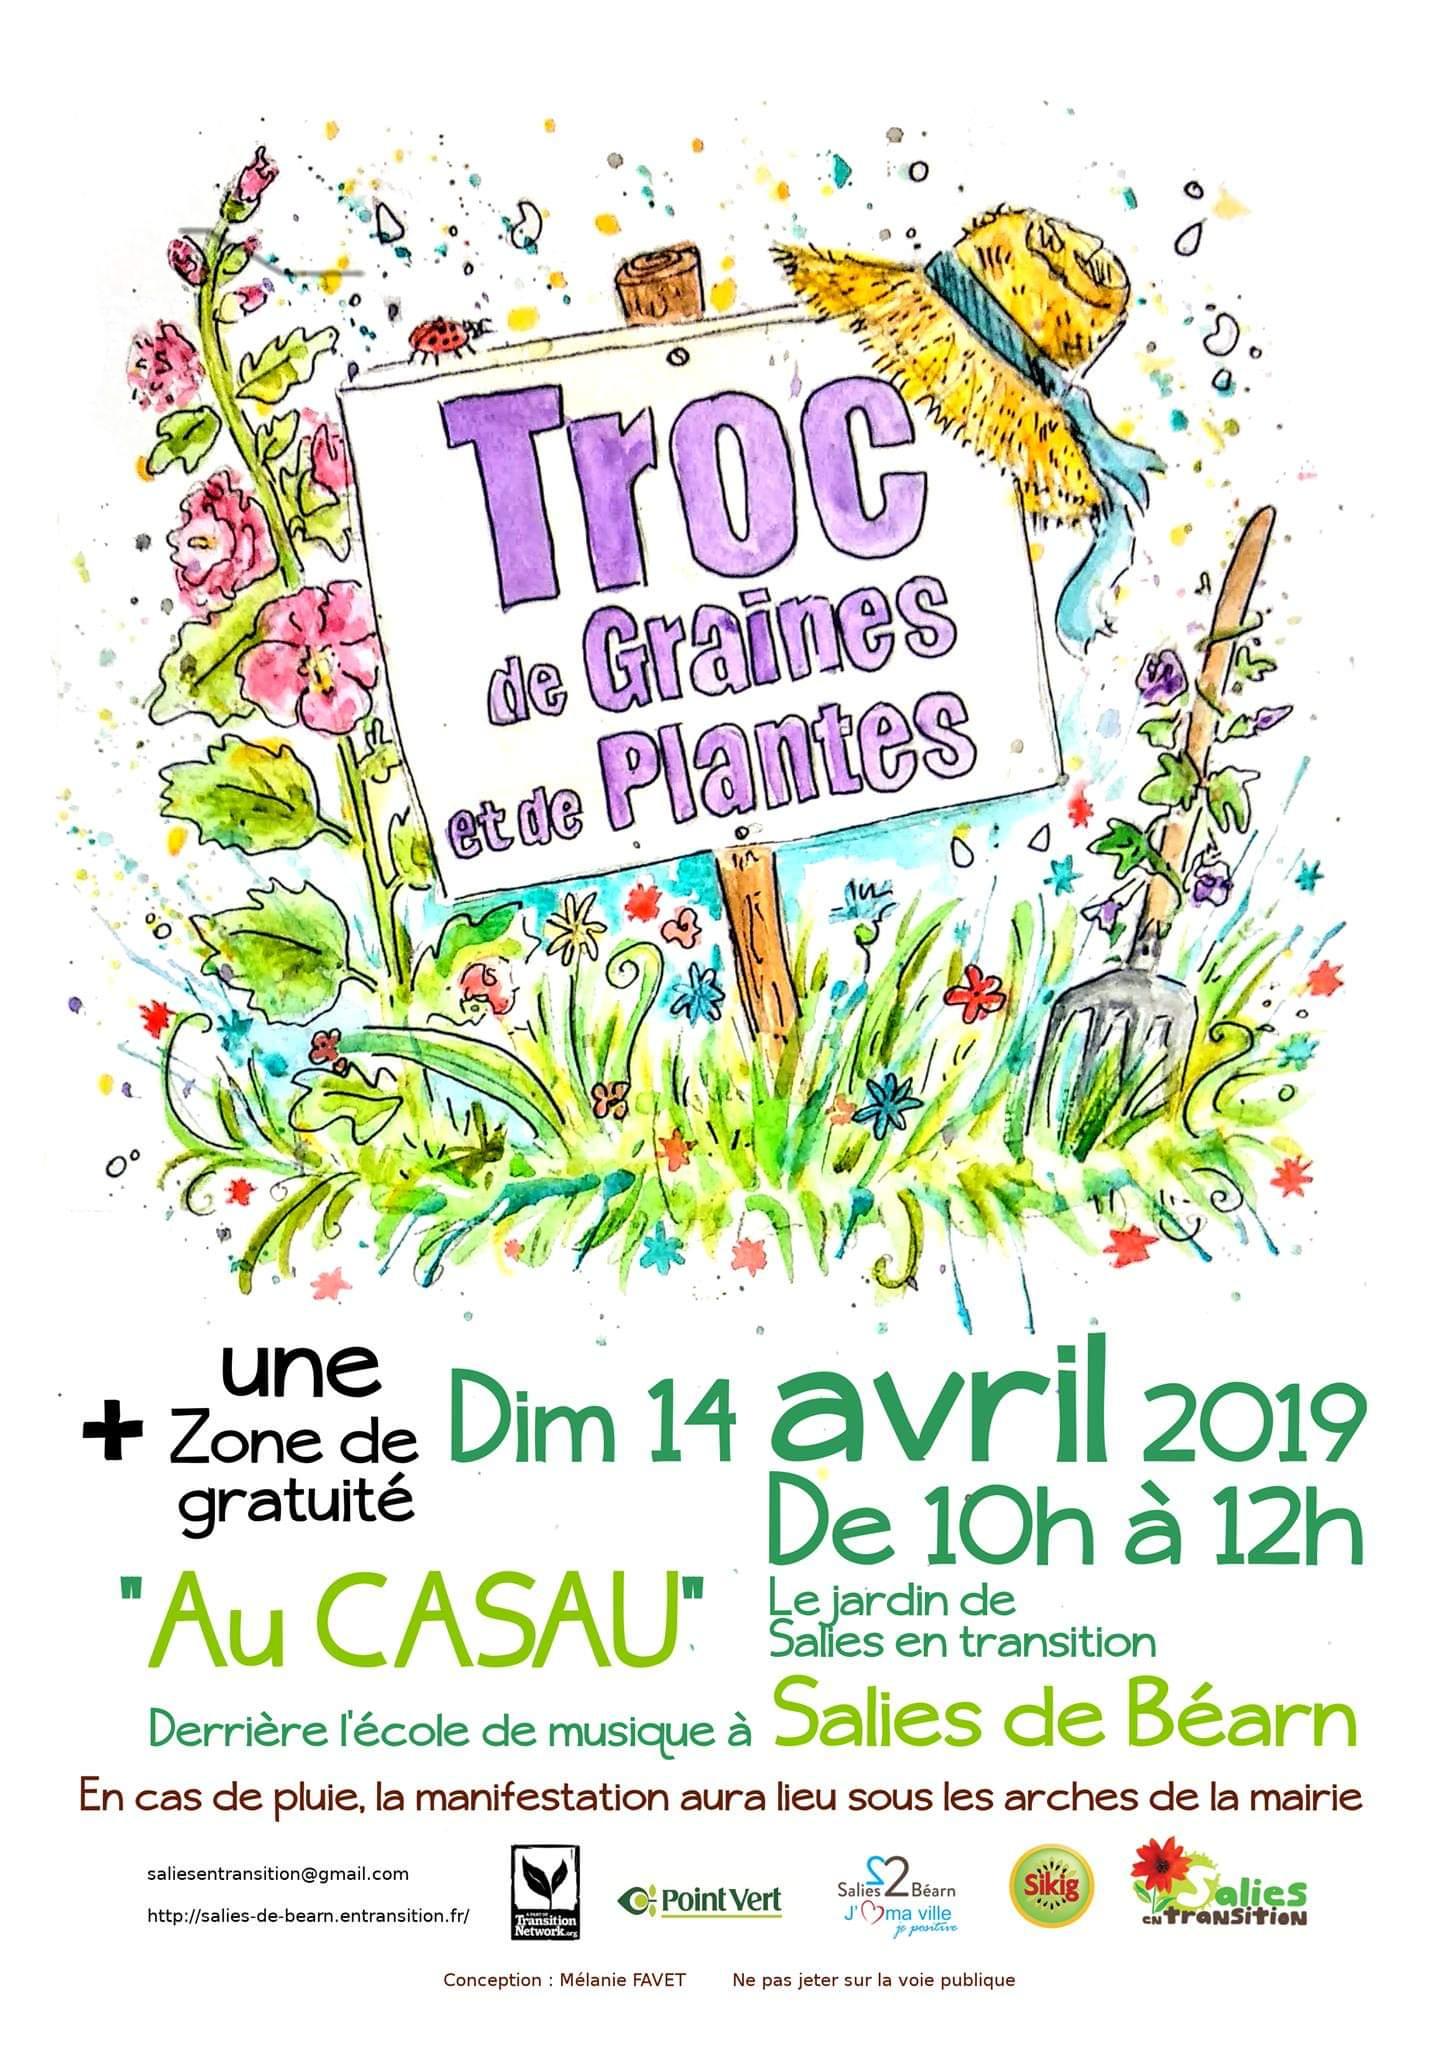 Calendrier Lunaire Graines Et Plantes Mai 2019.14 Avril De 10h A 12h Le 23 Ieme Troc De Graines Et De